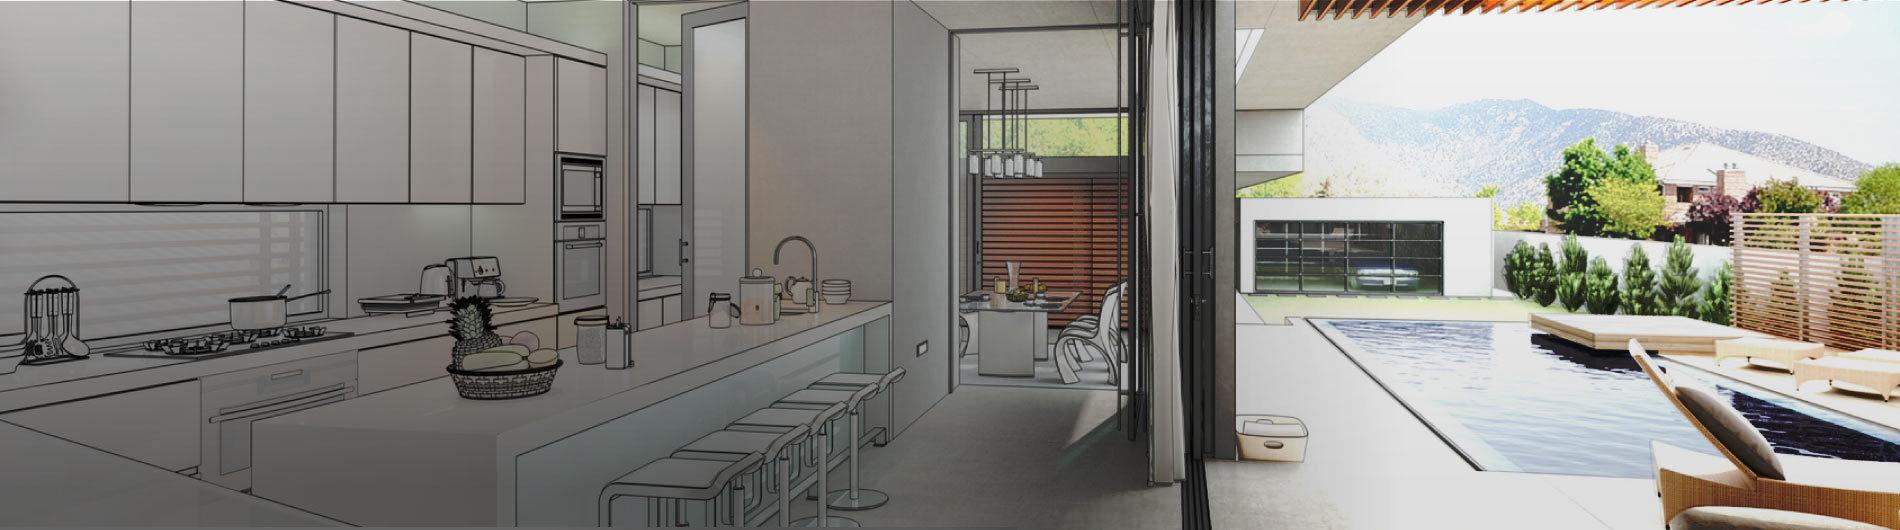 demande de permis de construire en ligne mon permis de. Black Bedroom Furniture Sets. Home Design Ideas